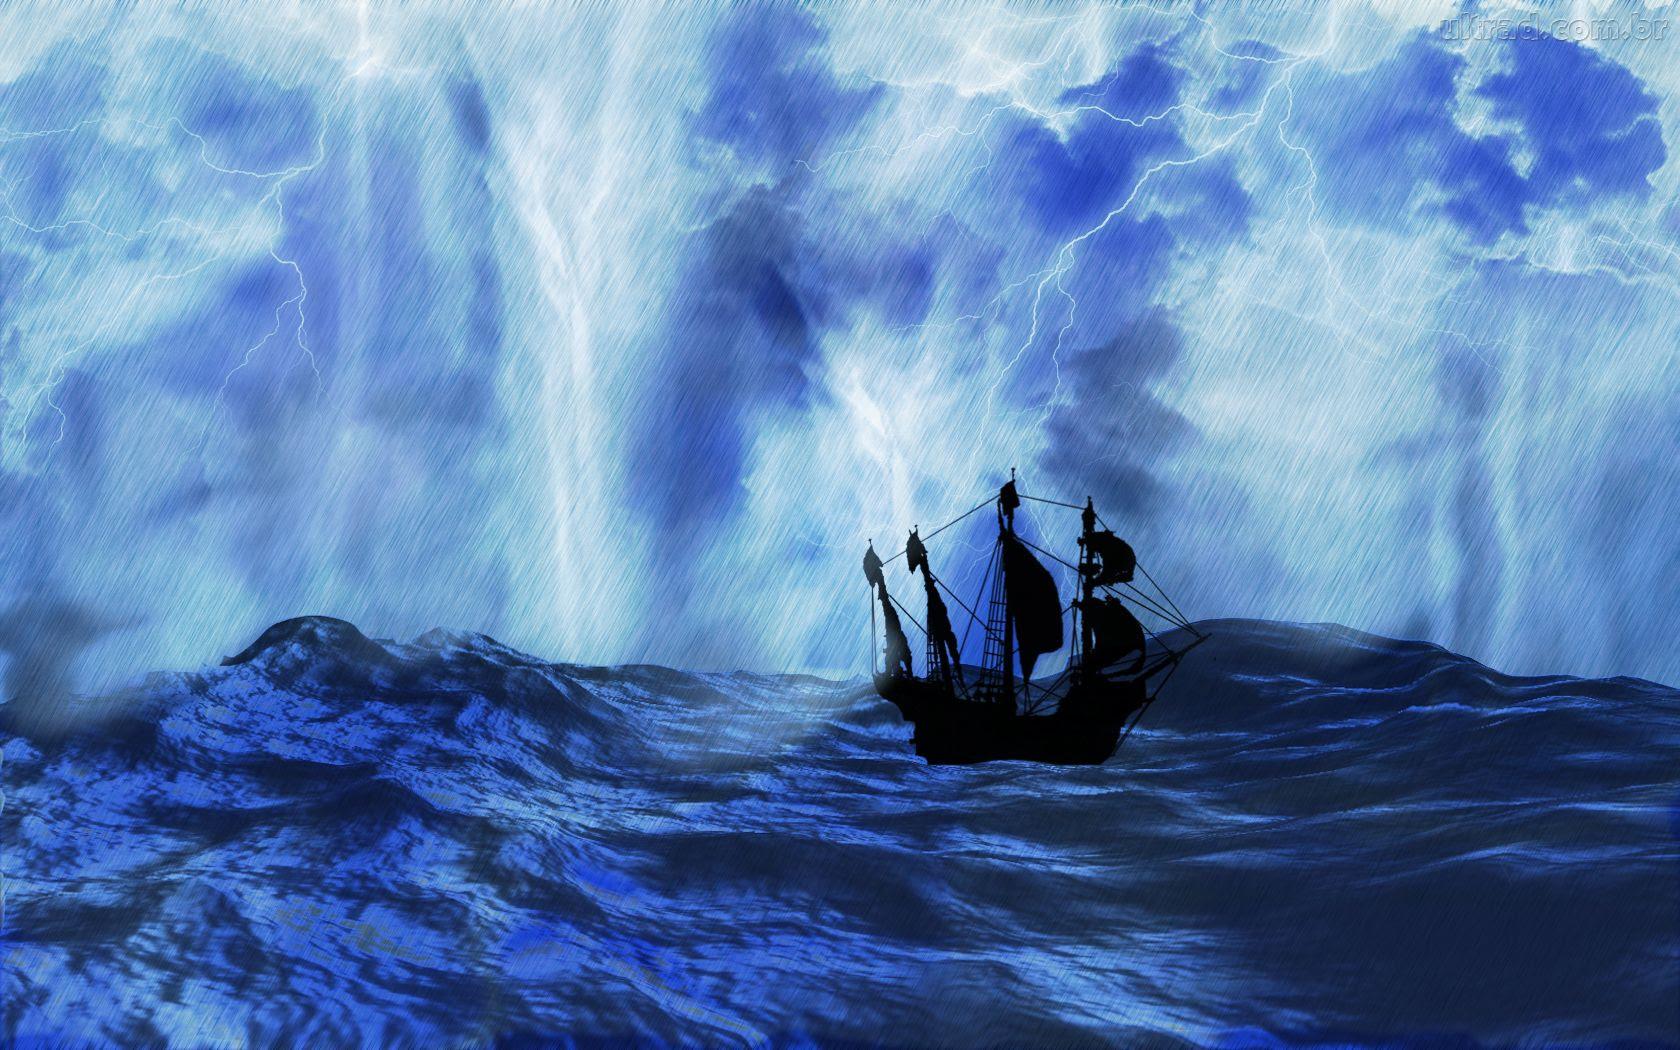 Resultado de imagem para ventos forte em alto mar